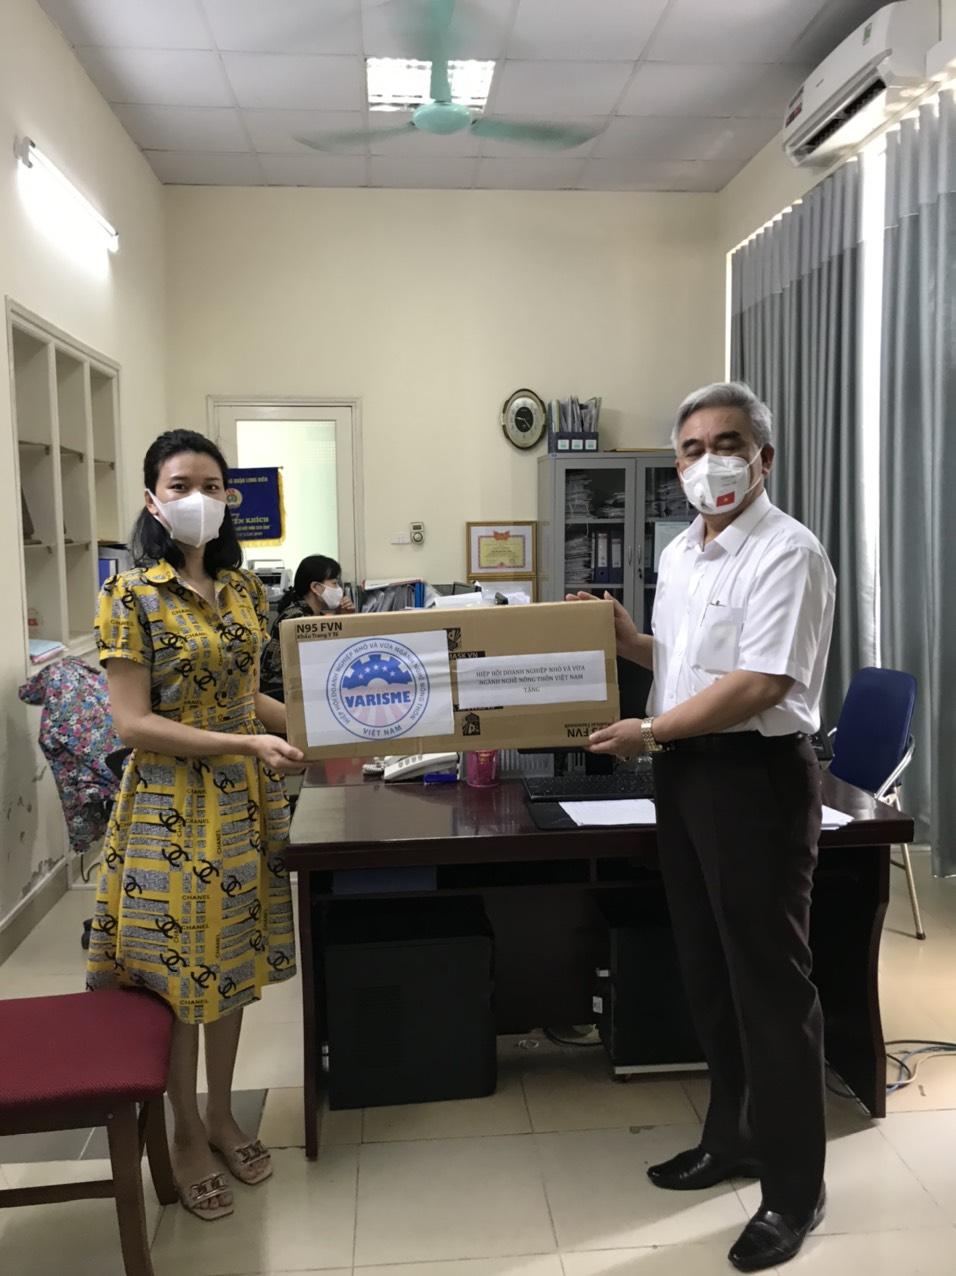 Đại diện UBND phường Long Biên tiếp nhận khẩu trang y tế từ Chủ tịch Hiệp hội Varisme.